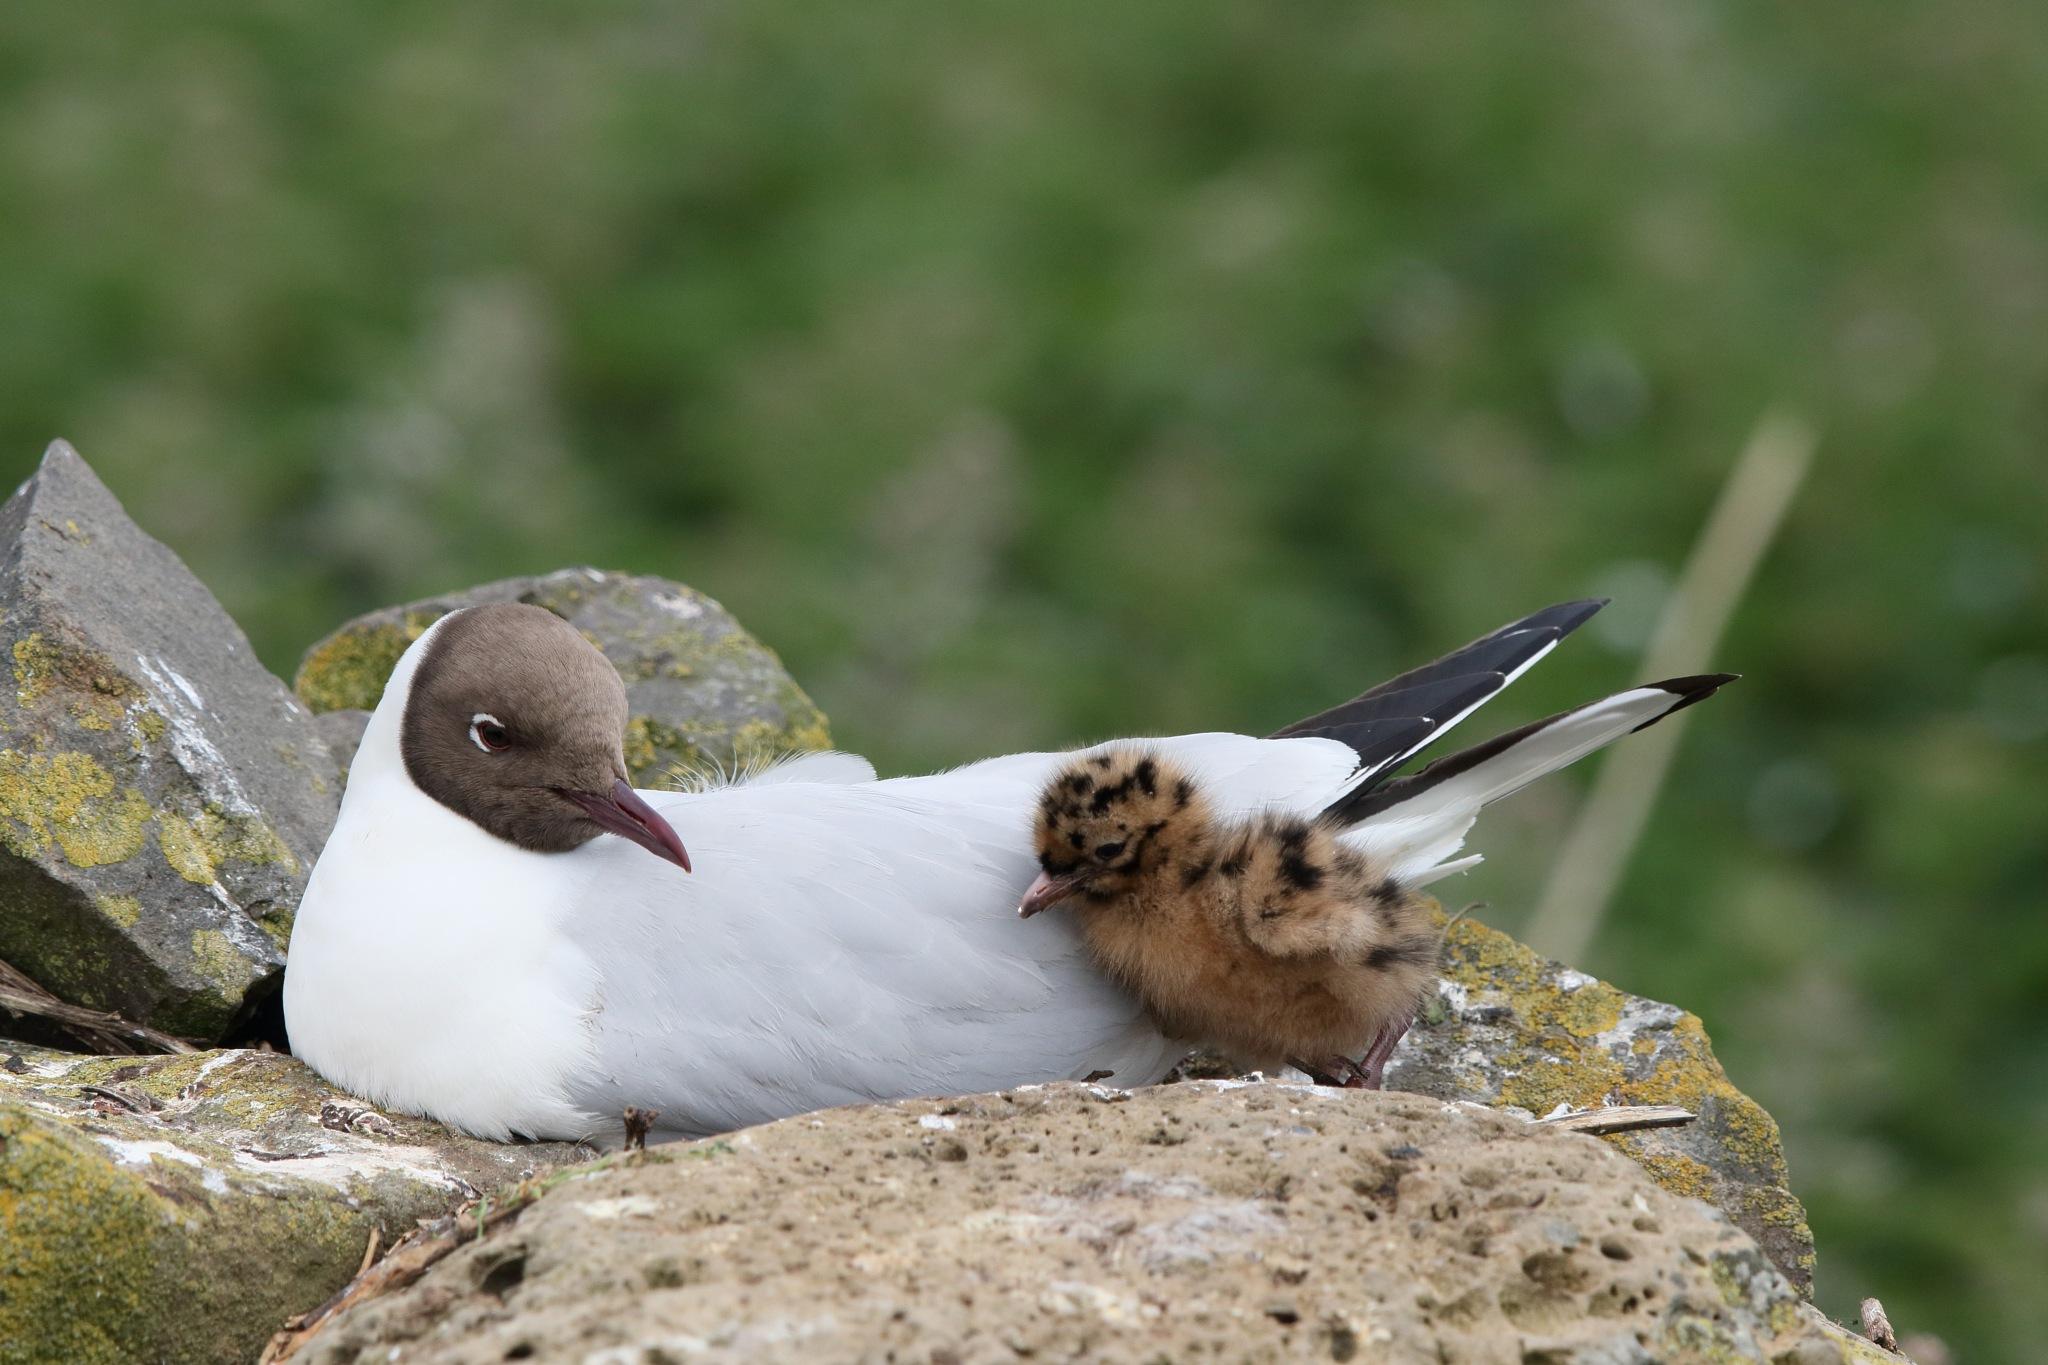 Black Headed Gull by Rich66